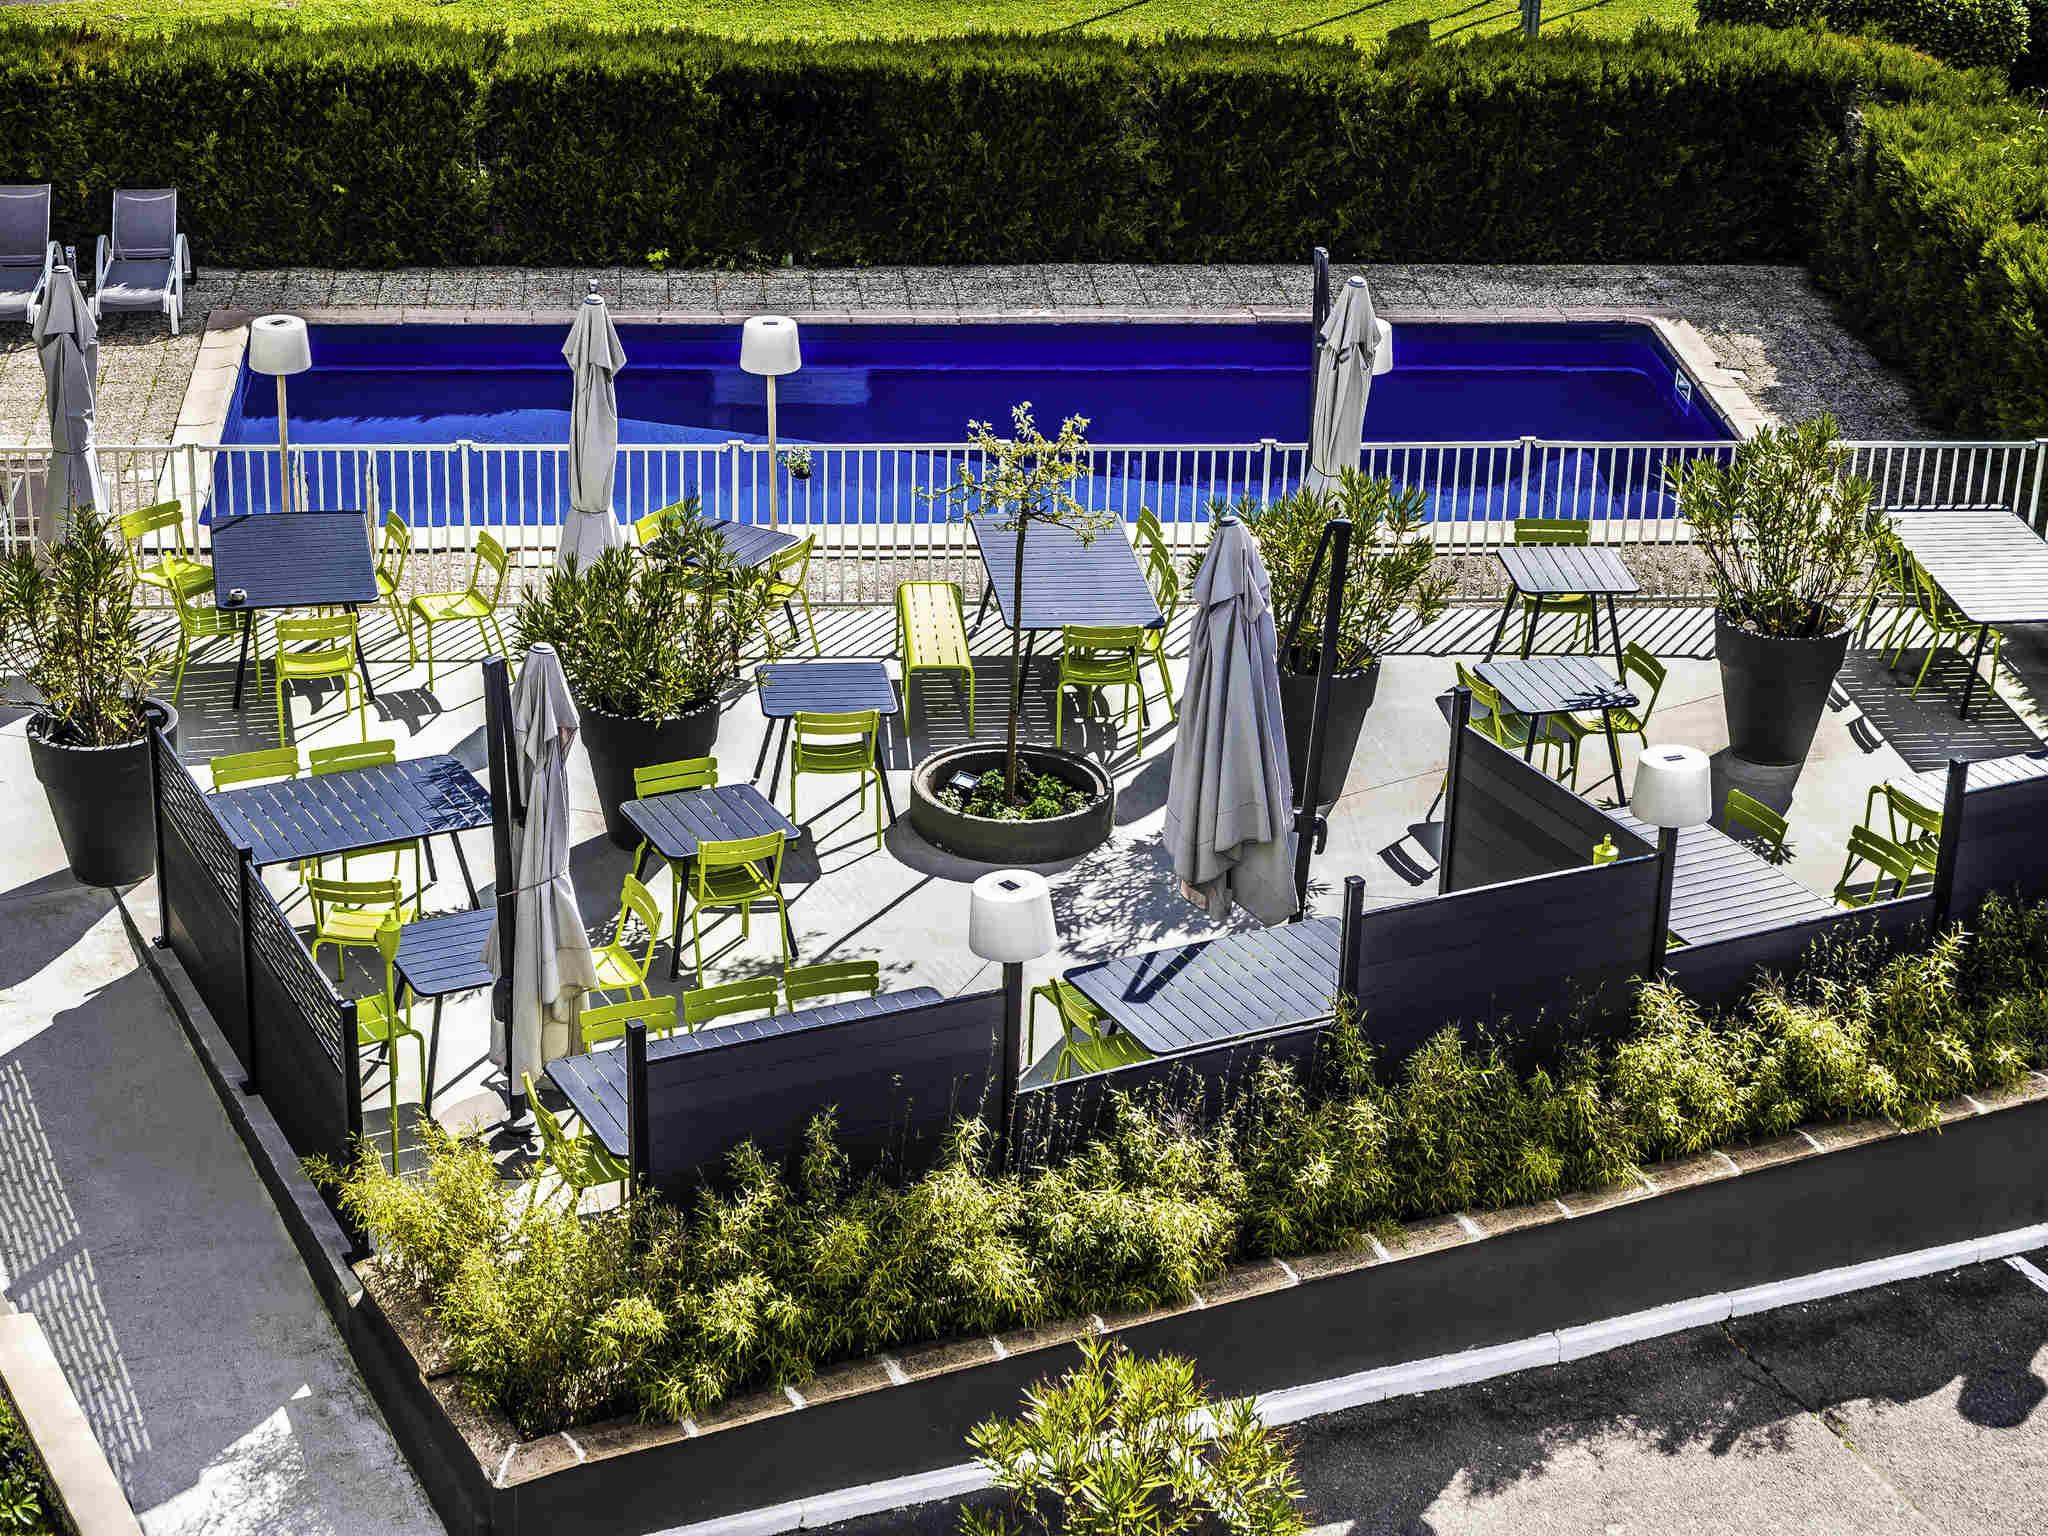 Hôtel À Chalon Sur Saone - Ibis Styles Chalon-Sur-Saône - All tout Piscine De Chalon Sur Saone